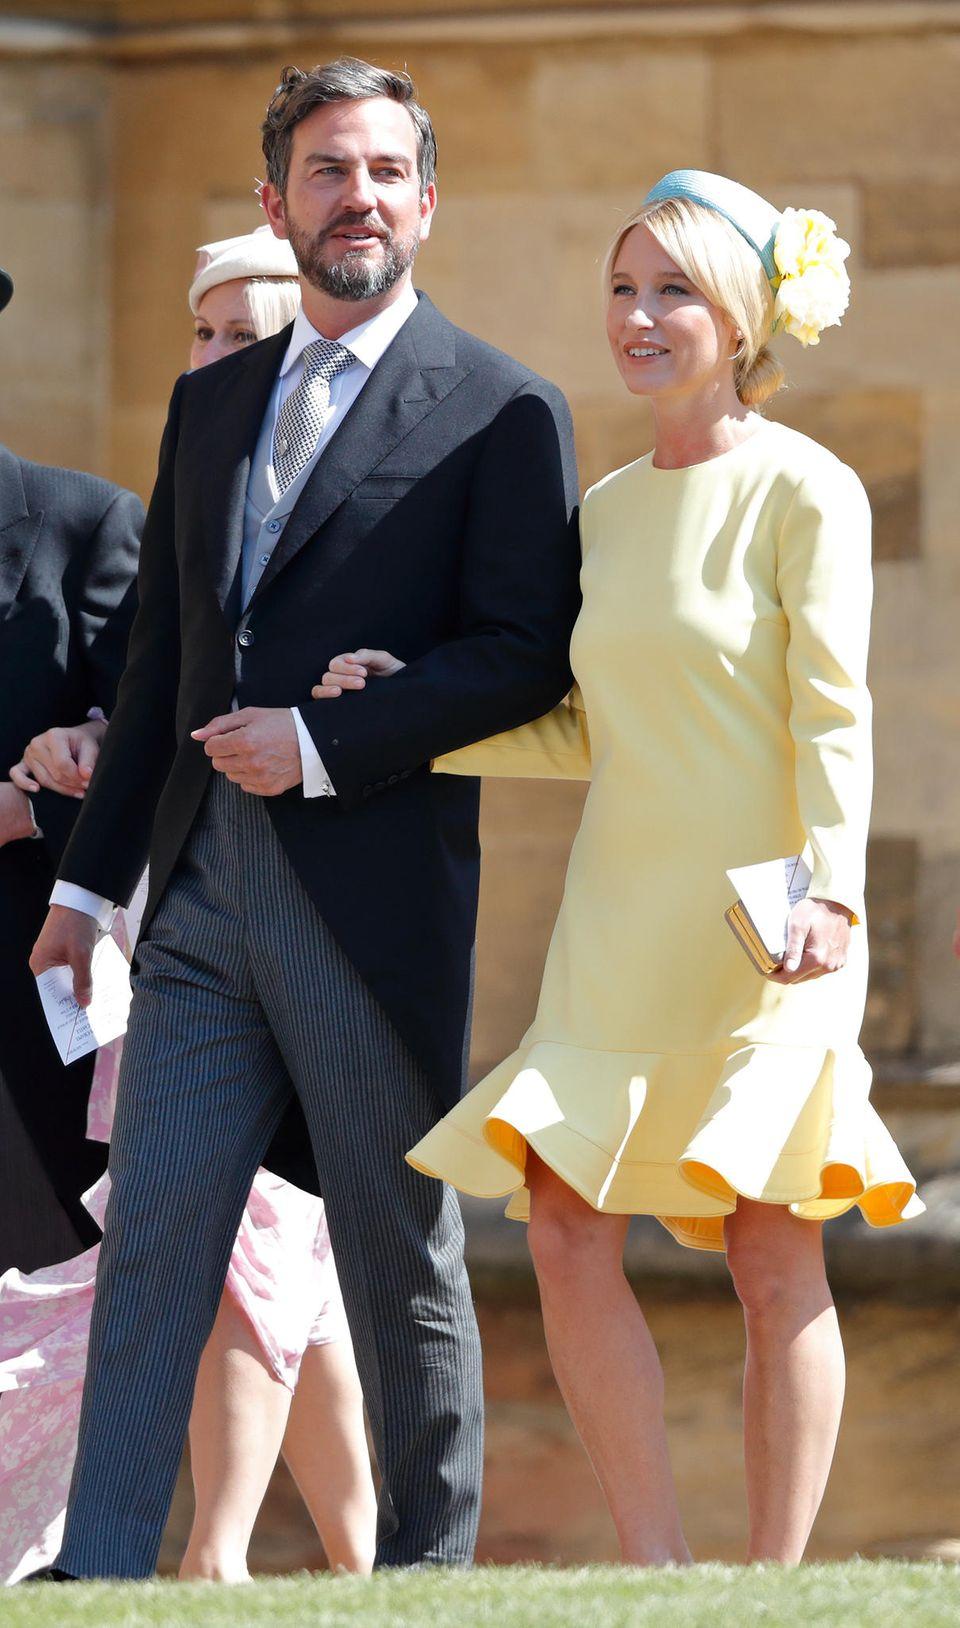 Isabel May (rechts) soll die Taufpatin von Archie Mountbatten-Windsor sein. Zur Hochzeit von Meghan und Harry im Mai 2018 kam sie mit Meghans Freund Markus Anderson.